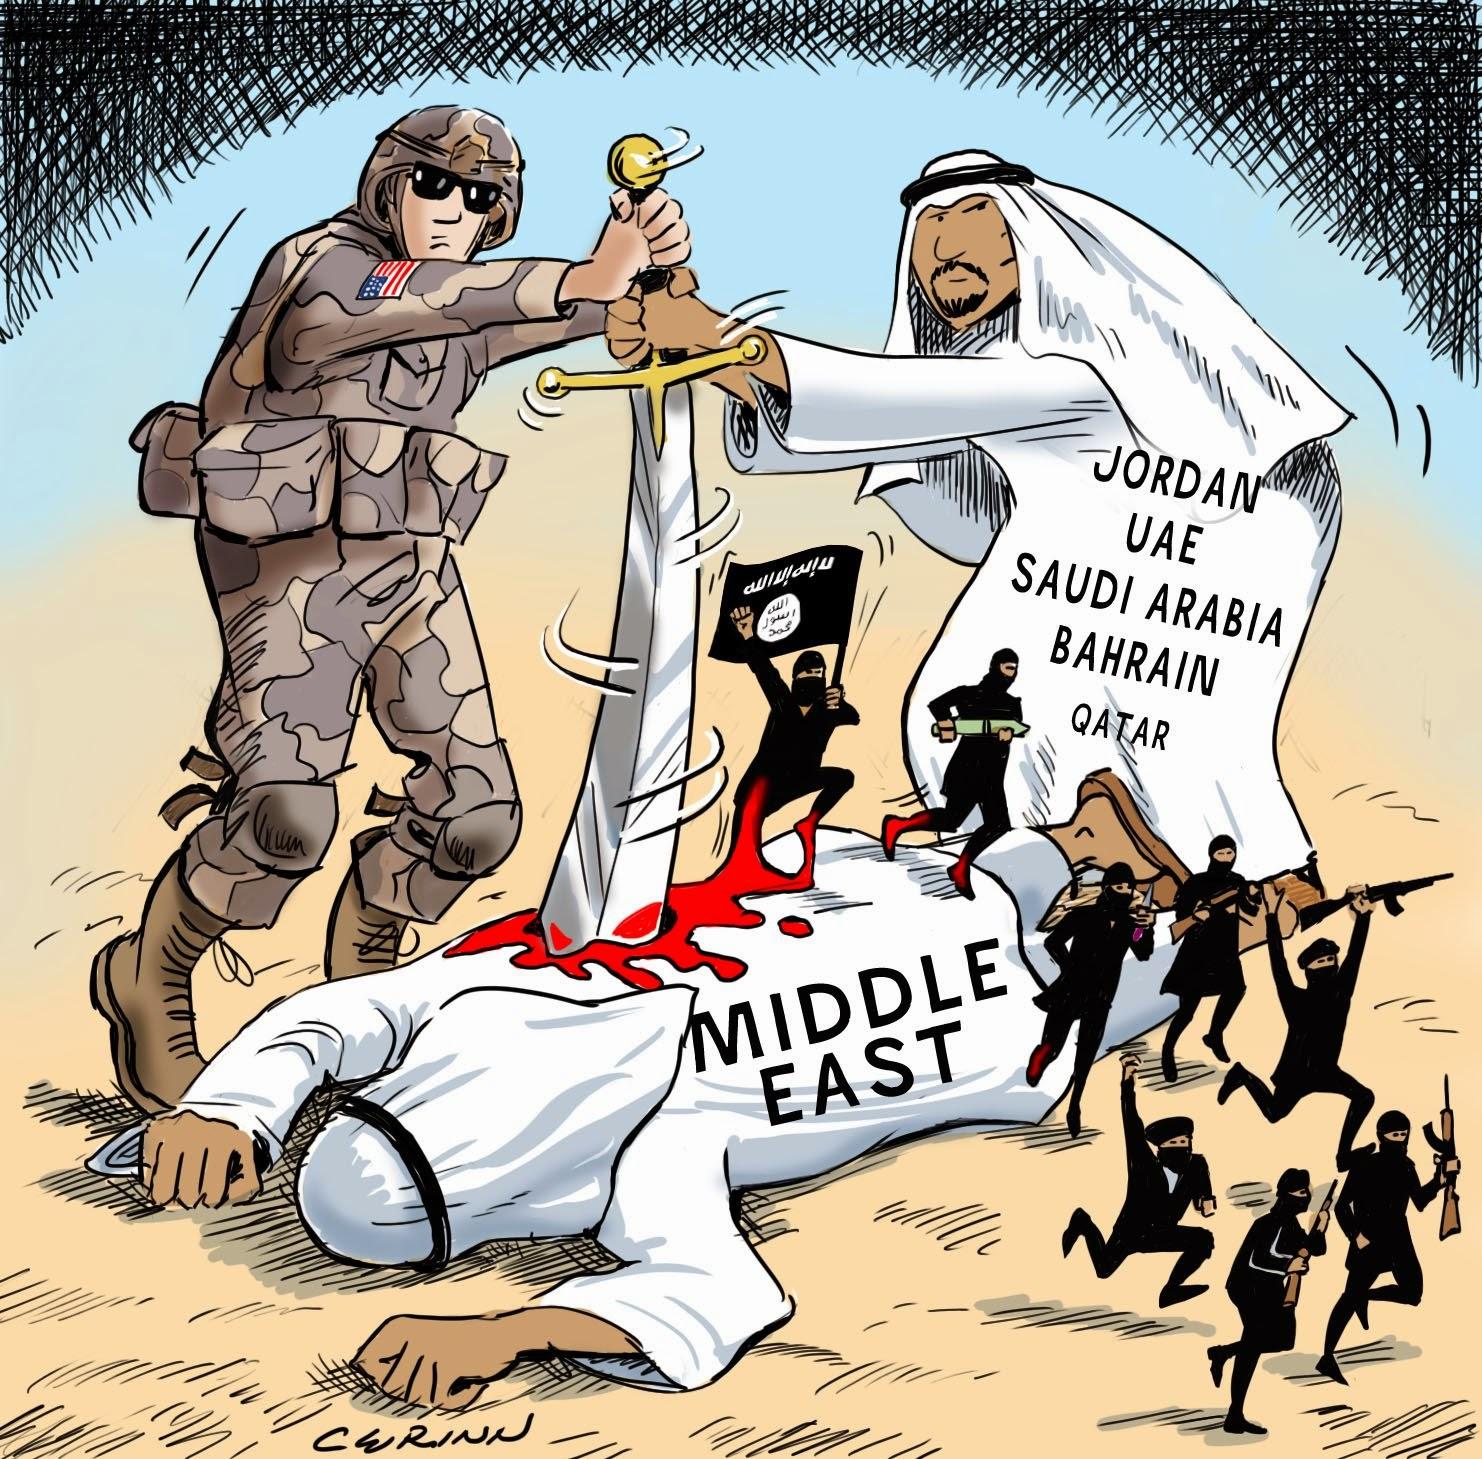 http://1.bp.blogspot.com/-MdCxjrX_2rQ/VHQK09r7kpI/AAAAAAAD1BM/7h0f78JOUC4/s1600/ISIS.jpg